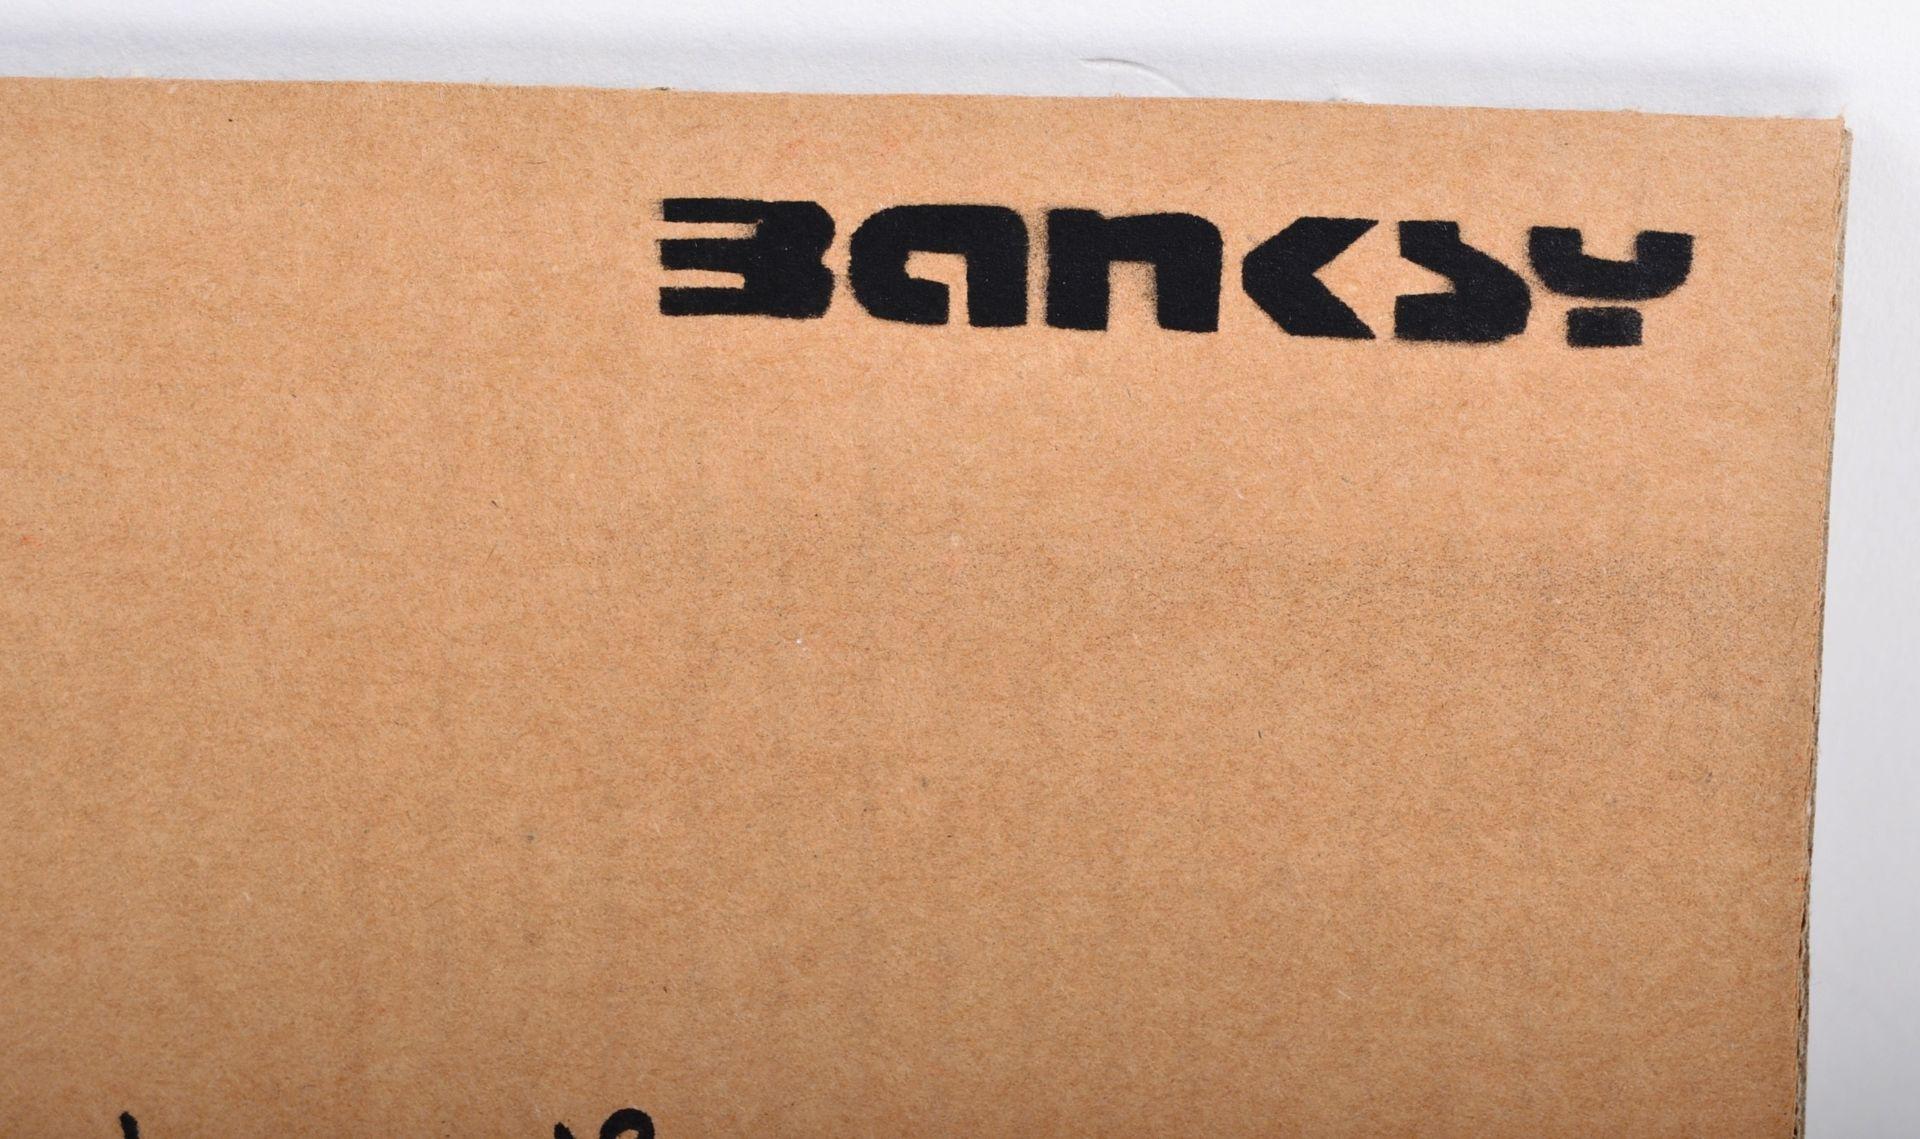 BANKSY - DISMALAND 2015 - THUG FOR LIFE - Image 3 of 3